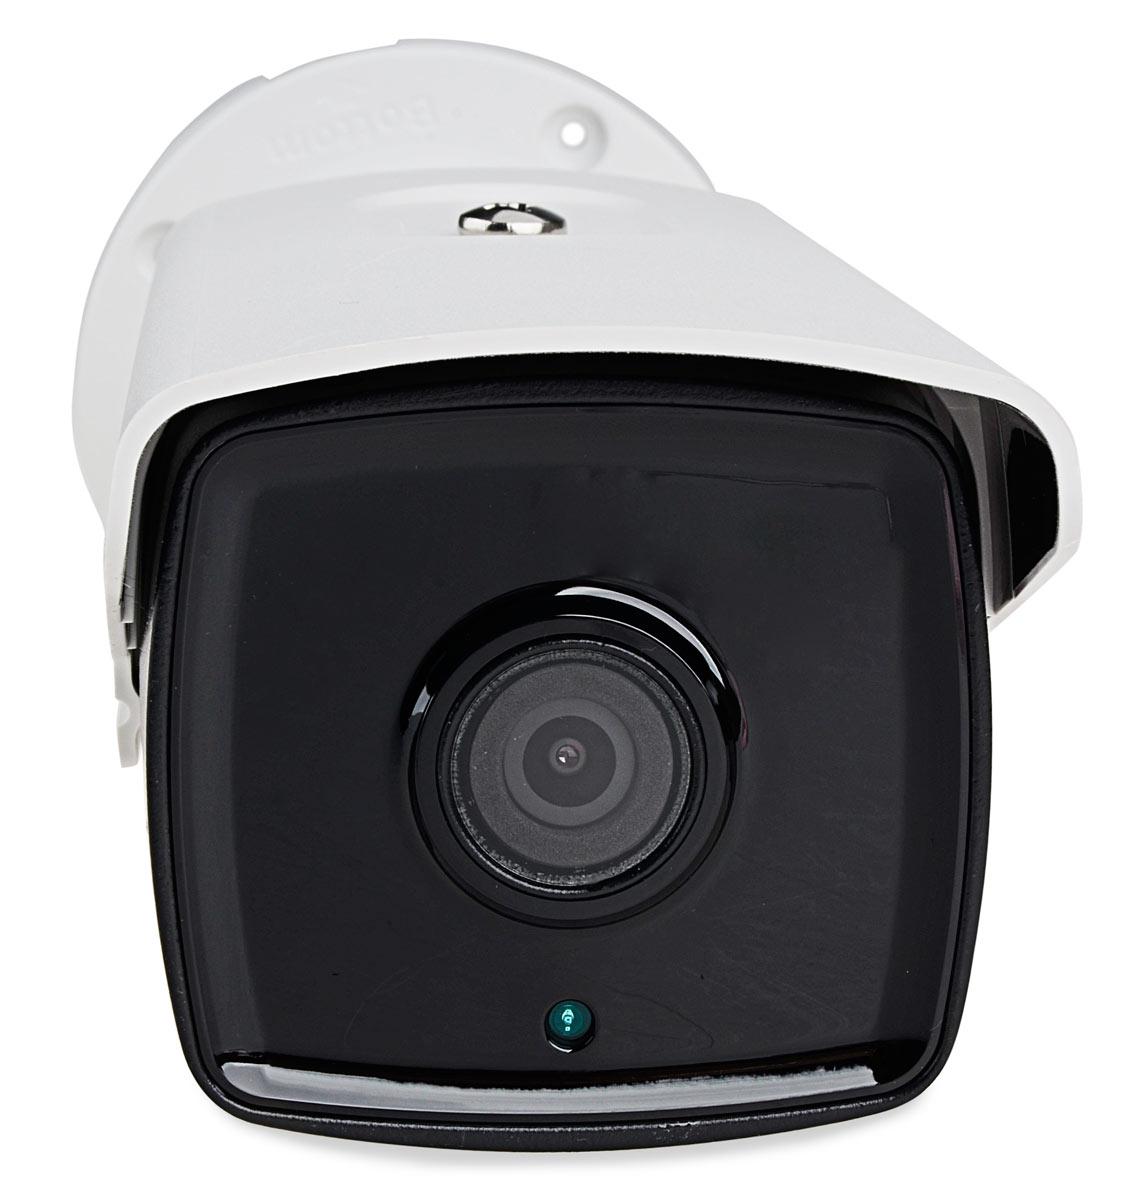 Niewidoczny oświetlacz podczerwieni kamery DS-2CD2T42WD-I5